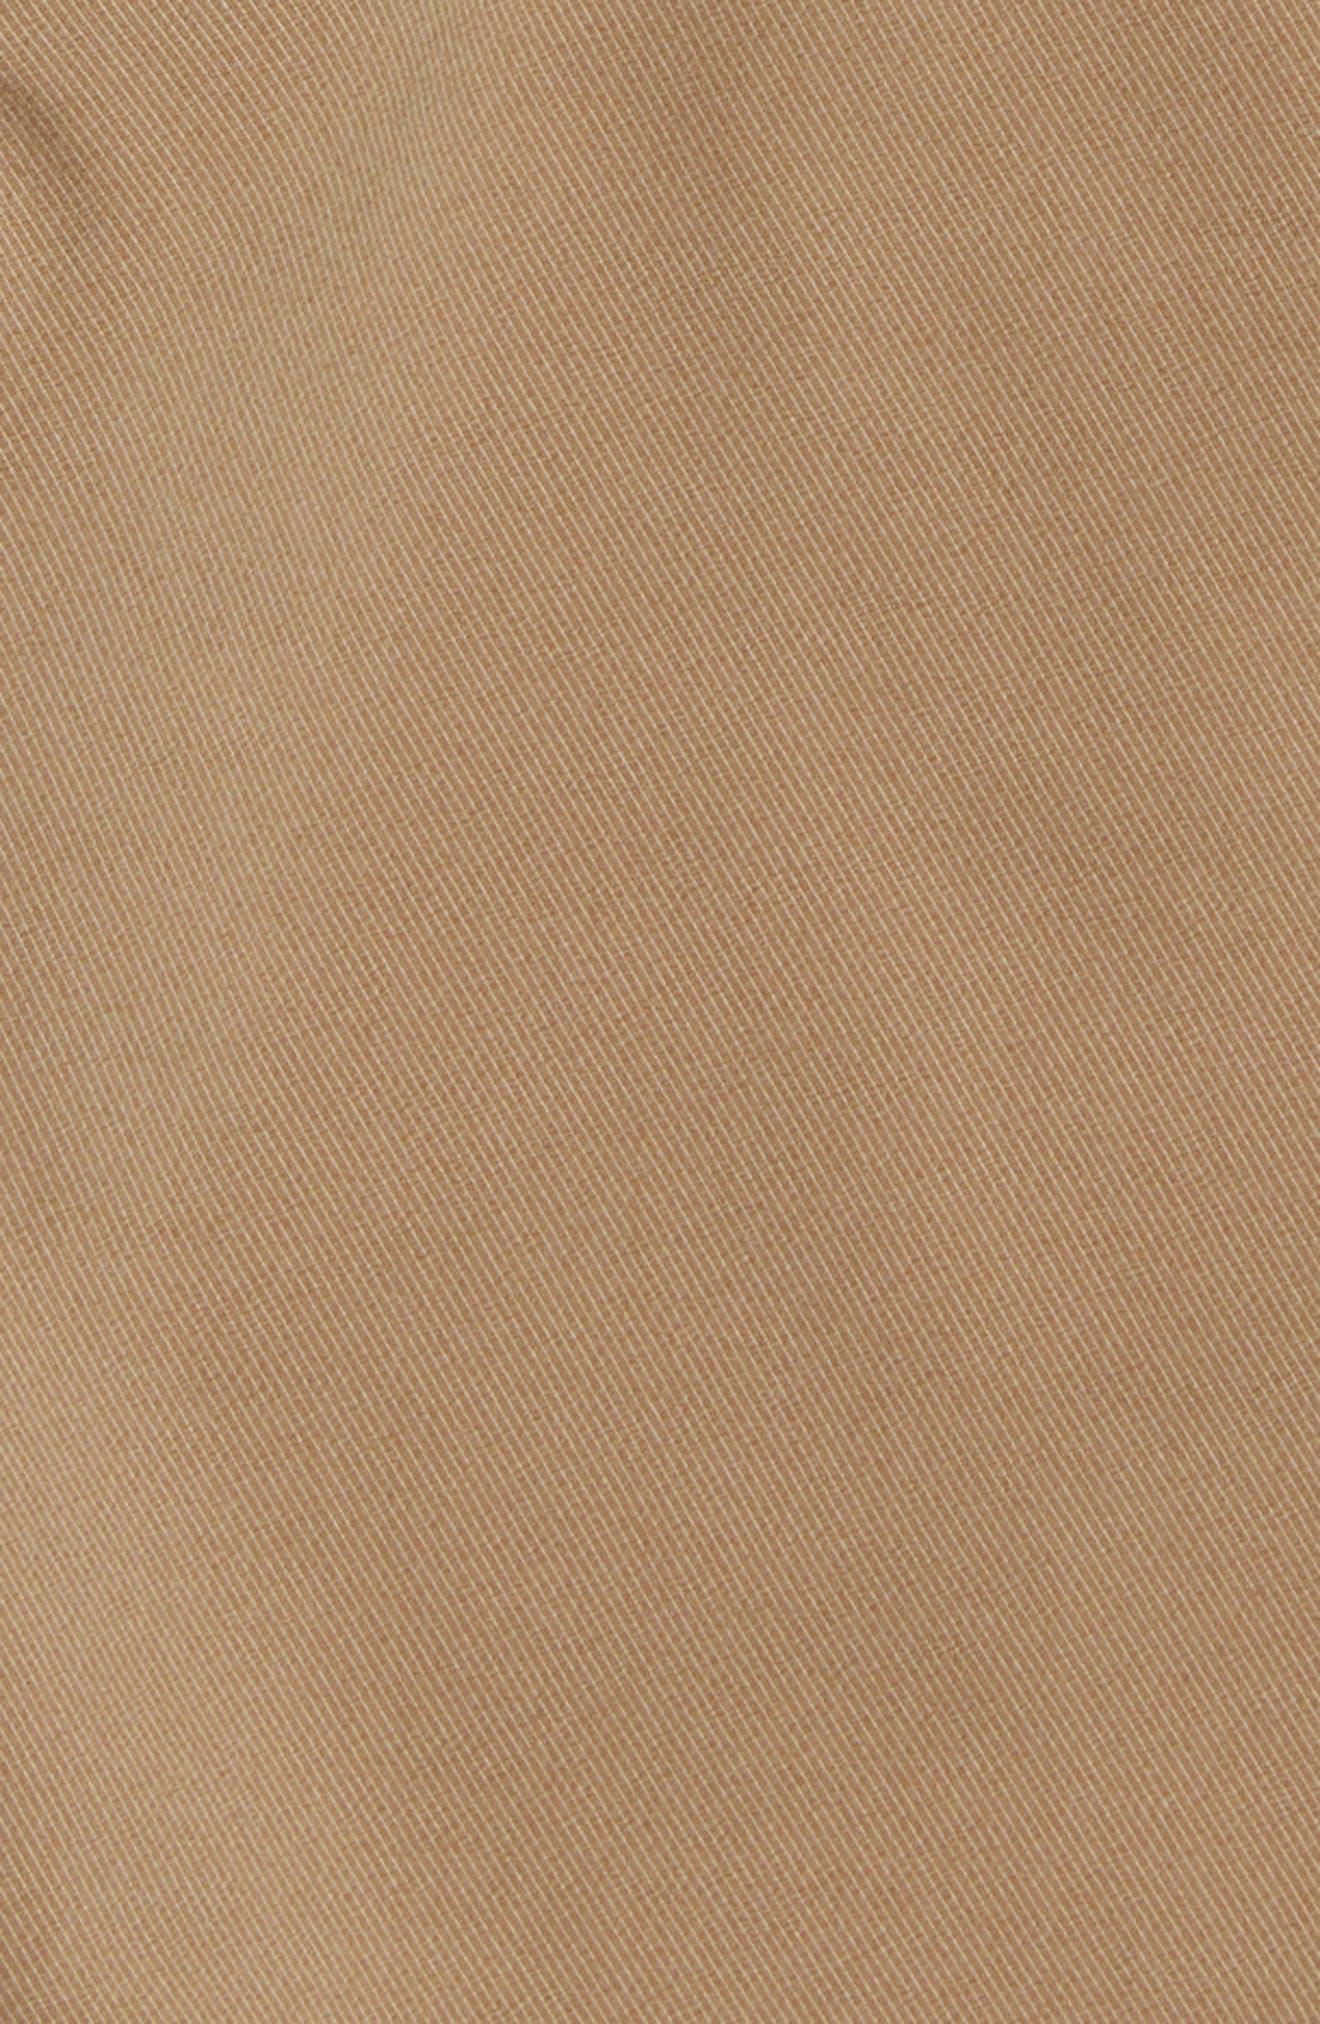 Stockton Hybrid Shorts,                             Alternate thumbnail 3, color,                             KHAKI